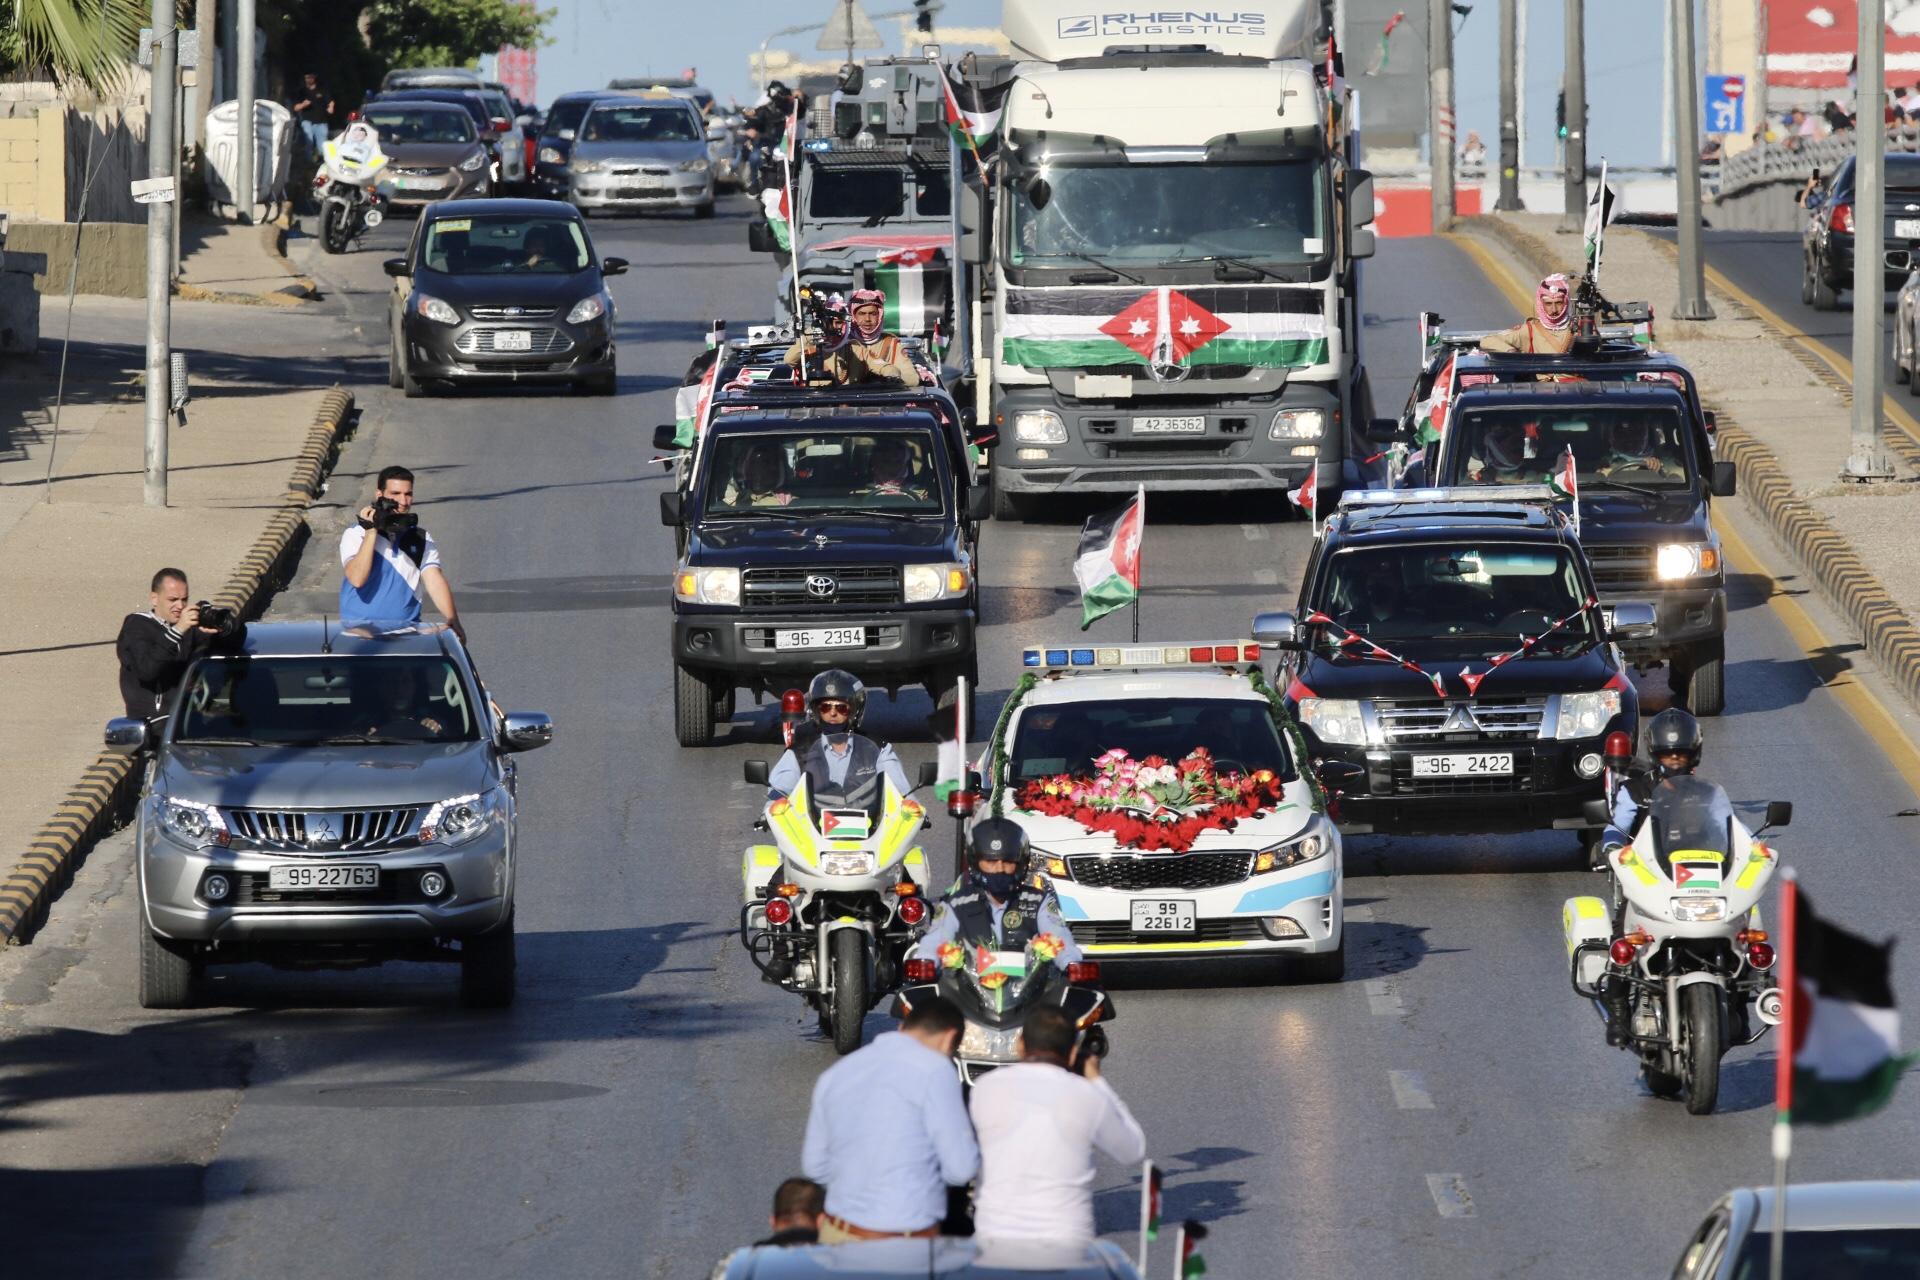 موكب في أحد شوارع عمان احتفالا بعيد الاستقلال 74. (صلاح ملكاوي/ المملكة)